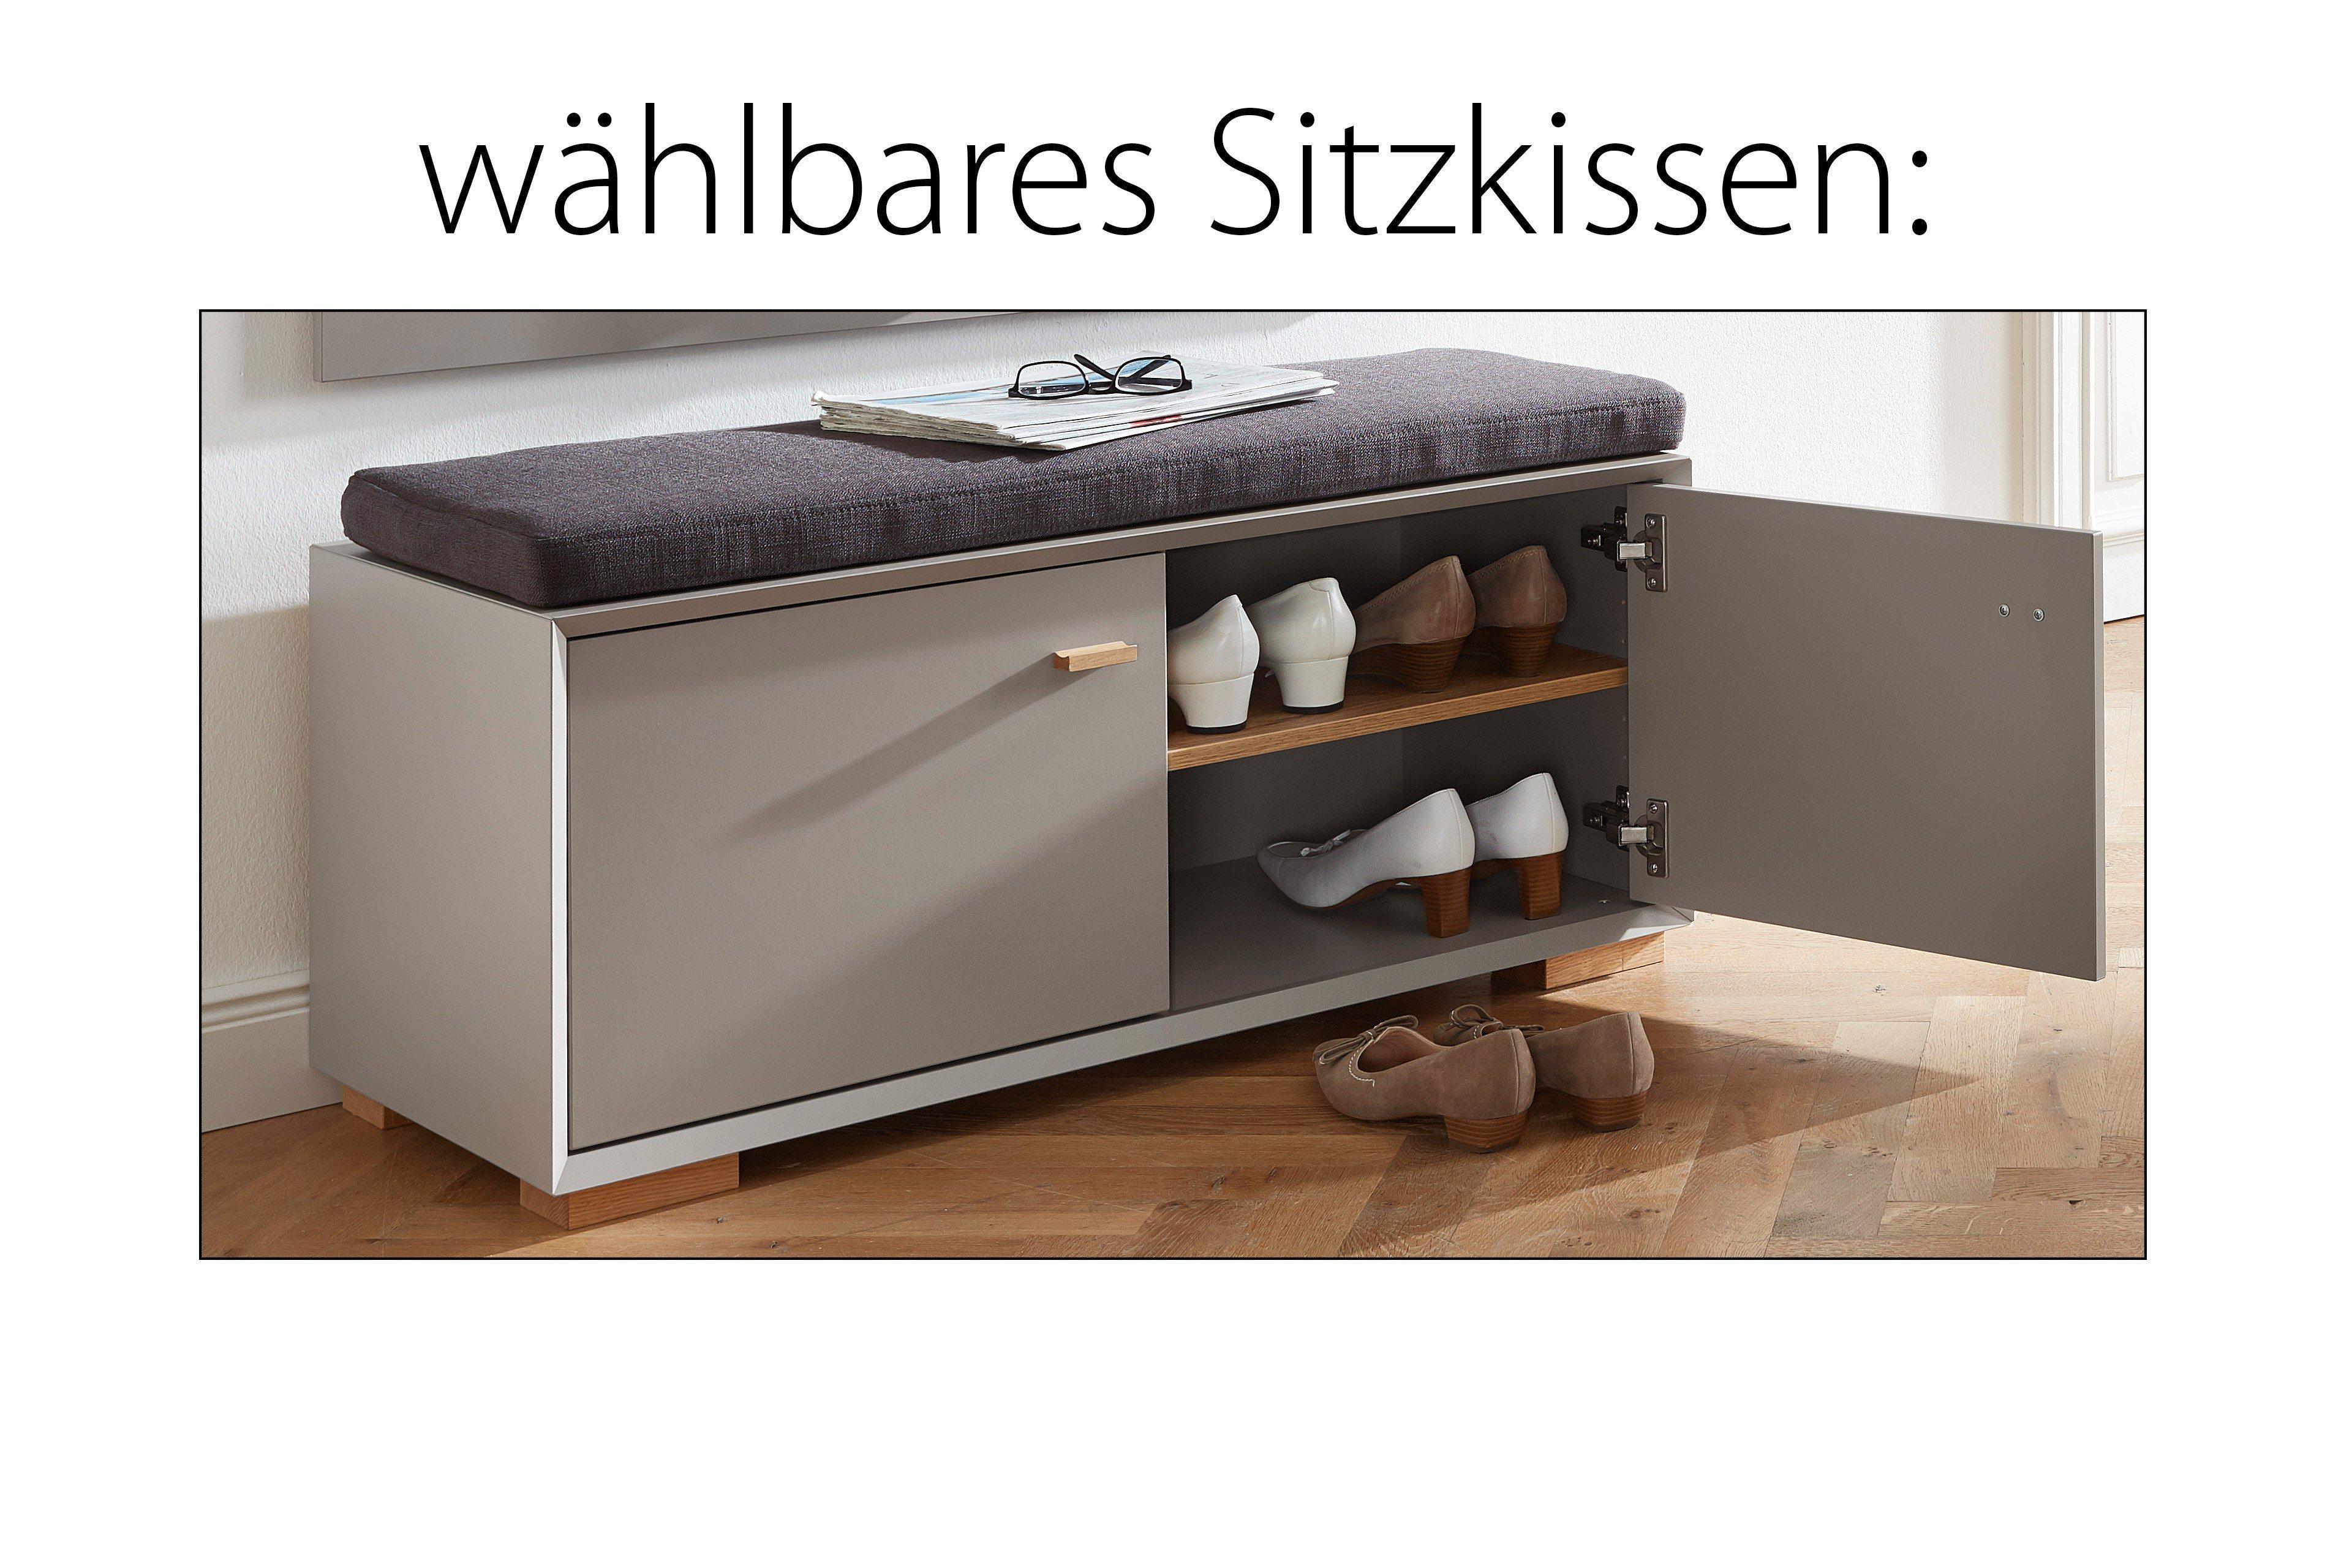 Germania Schuhbank Calvi | Möbel Letz - Ihr Online-Shop